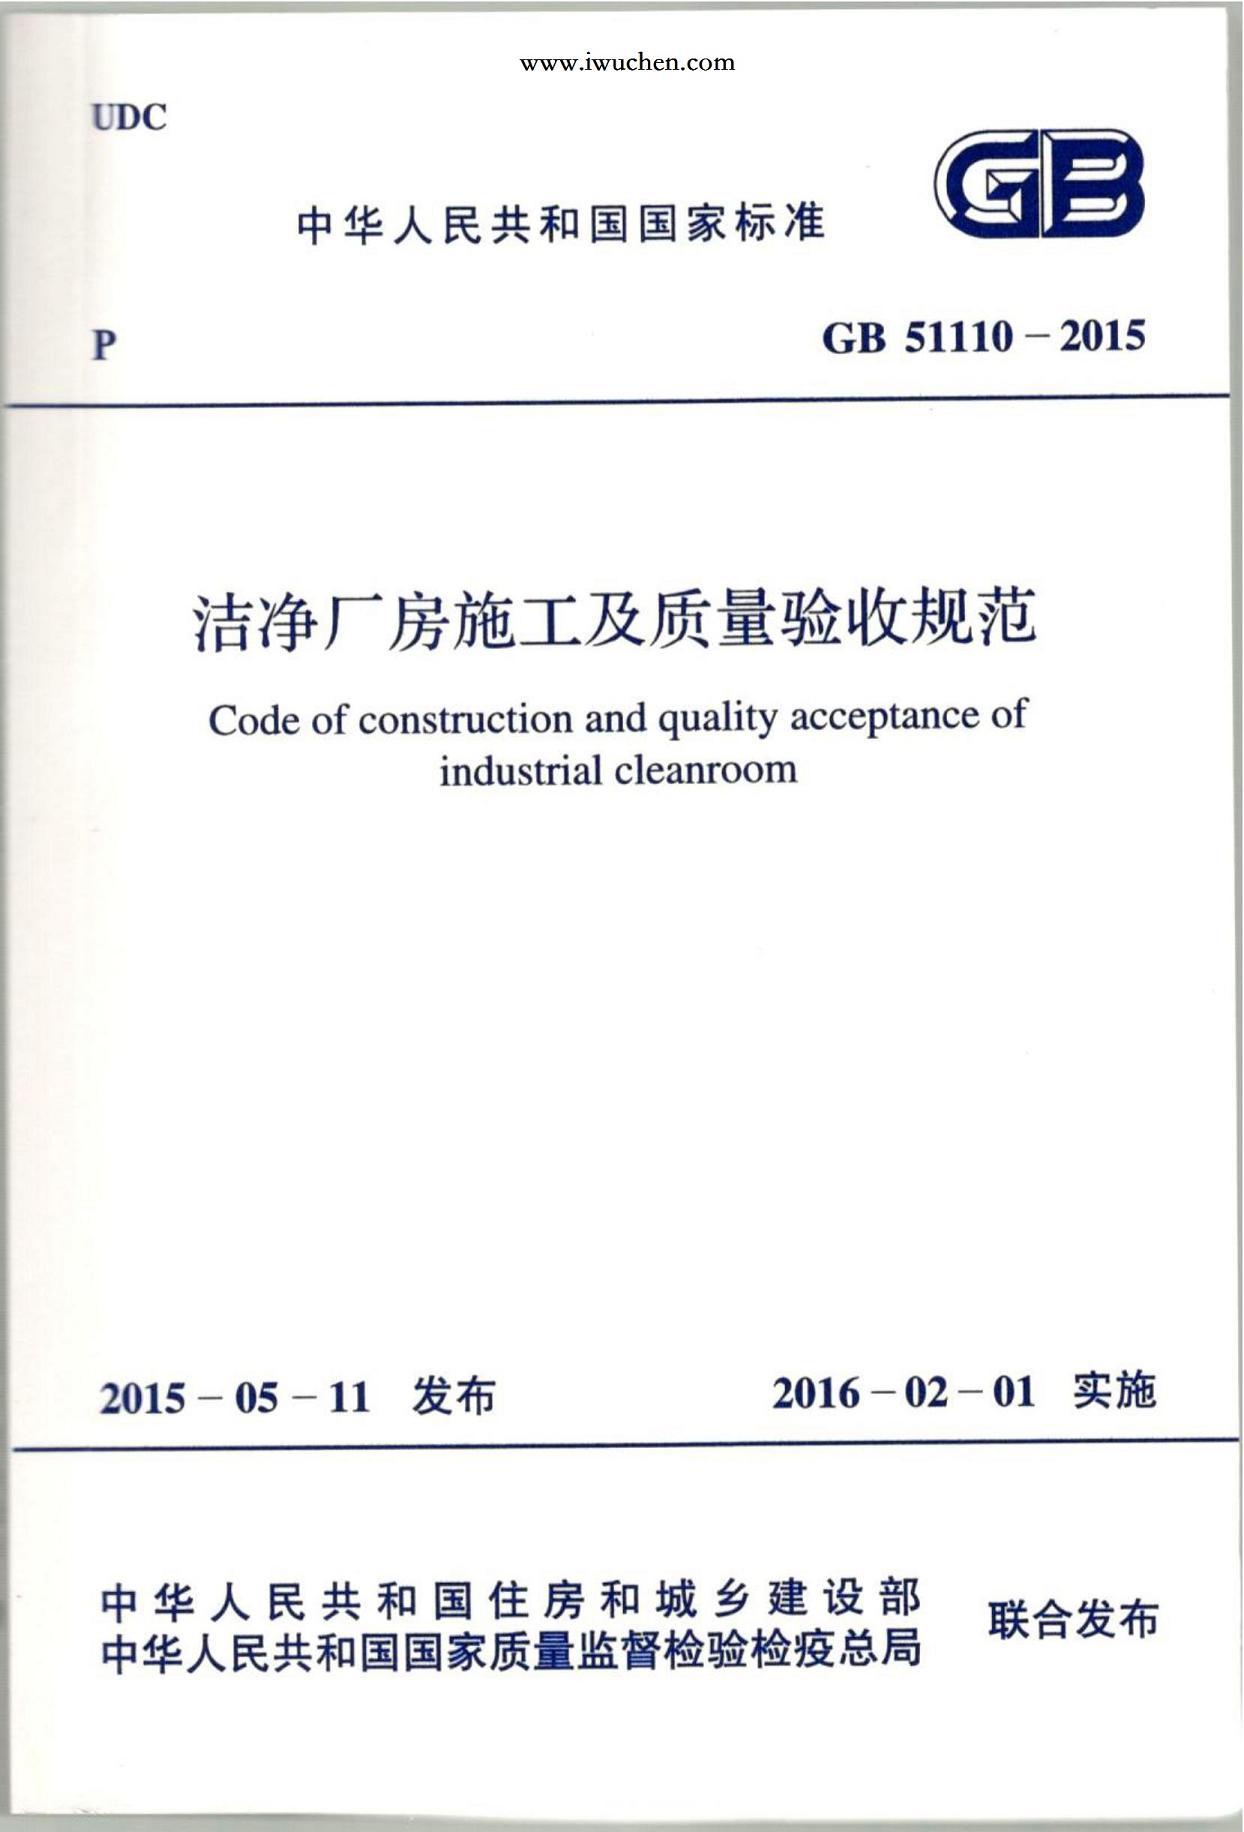 洁净厂房施工及质量验收规范GB51110-2015